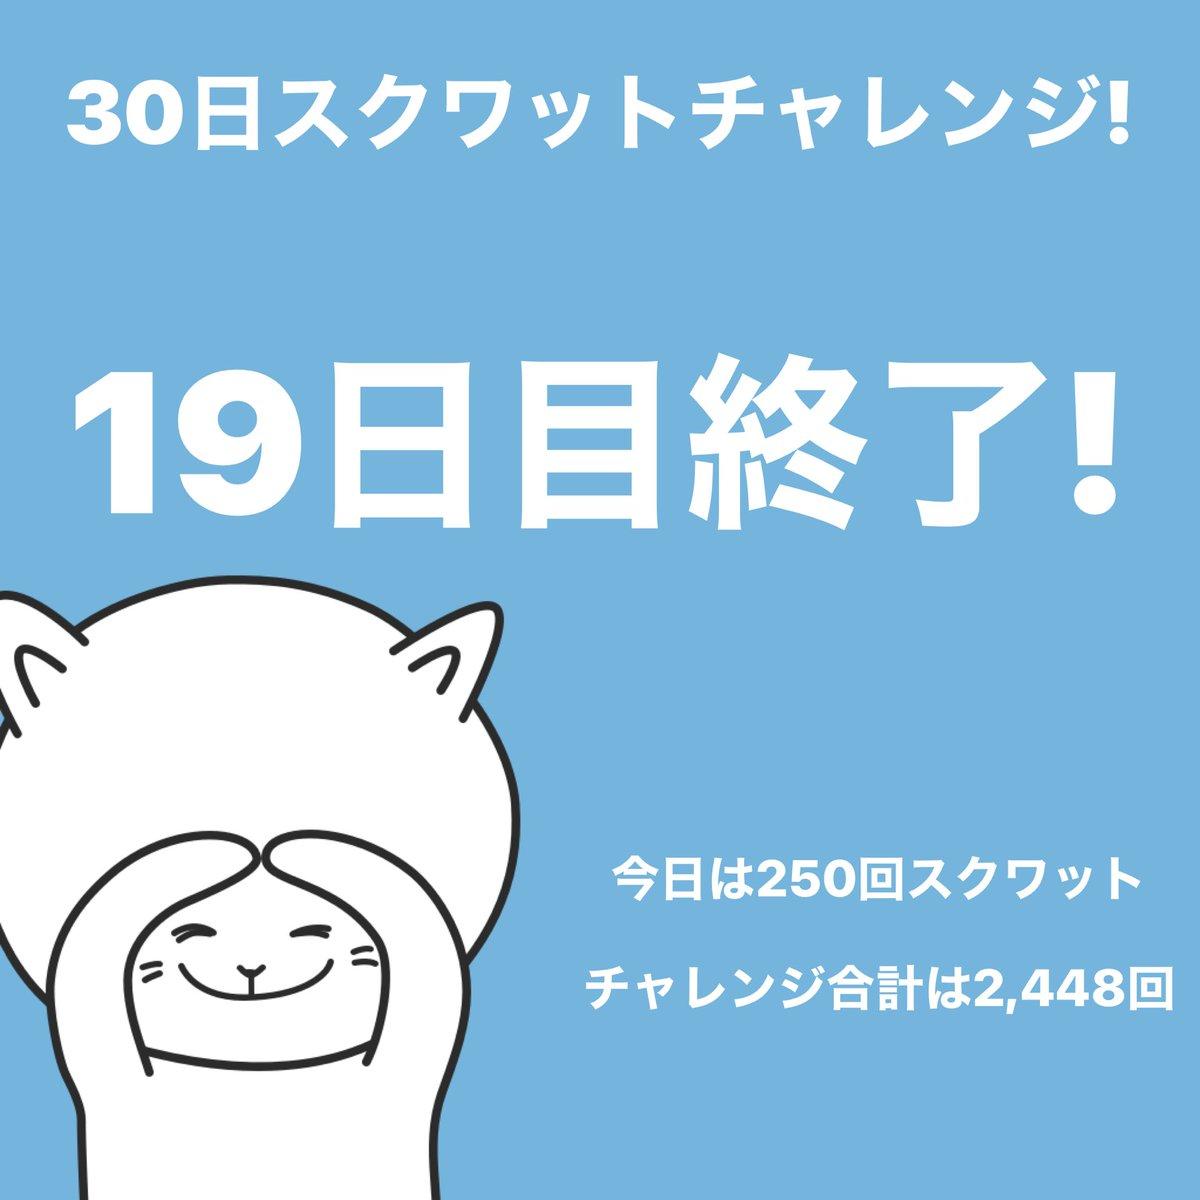 #スクワットチャレンジ 19日目終了!今日は250回スクワットしました。 #30日チャレンジ